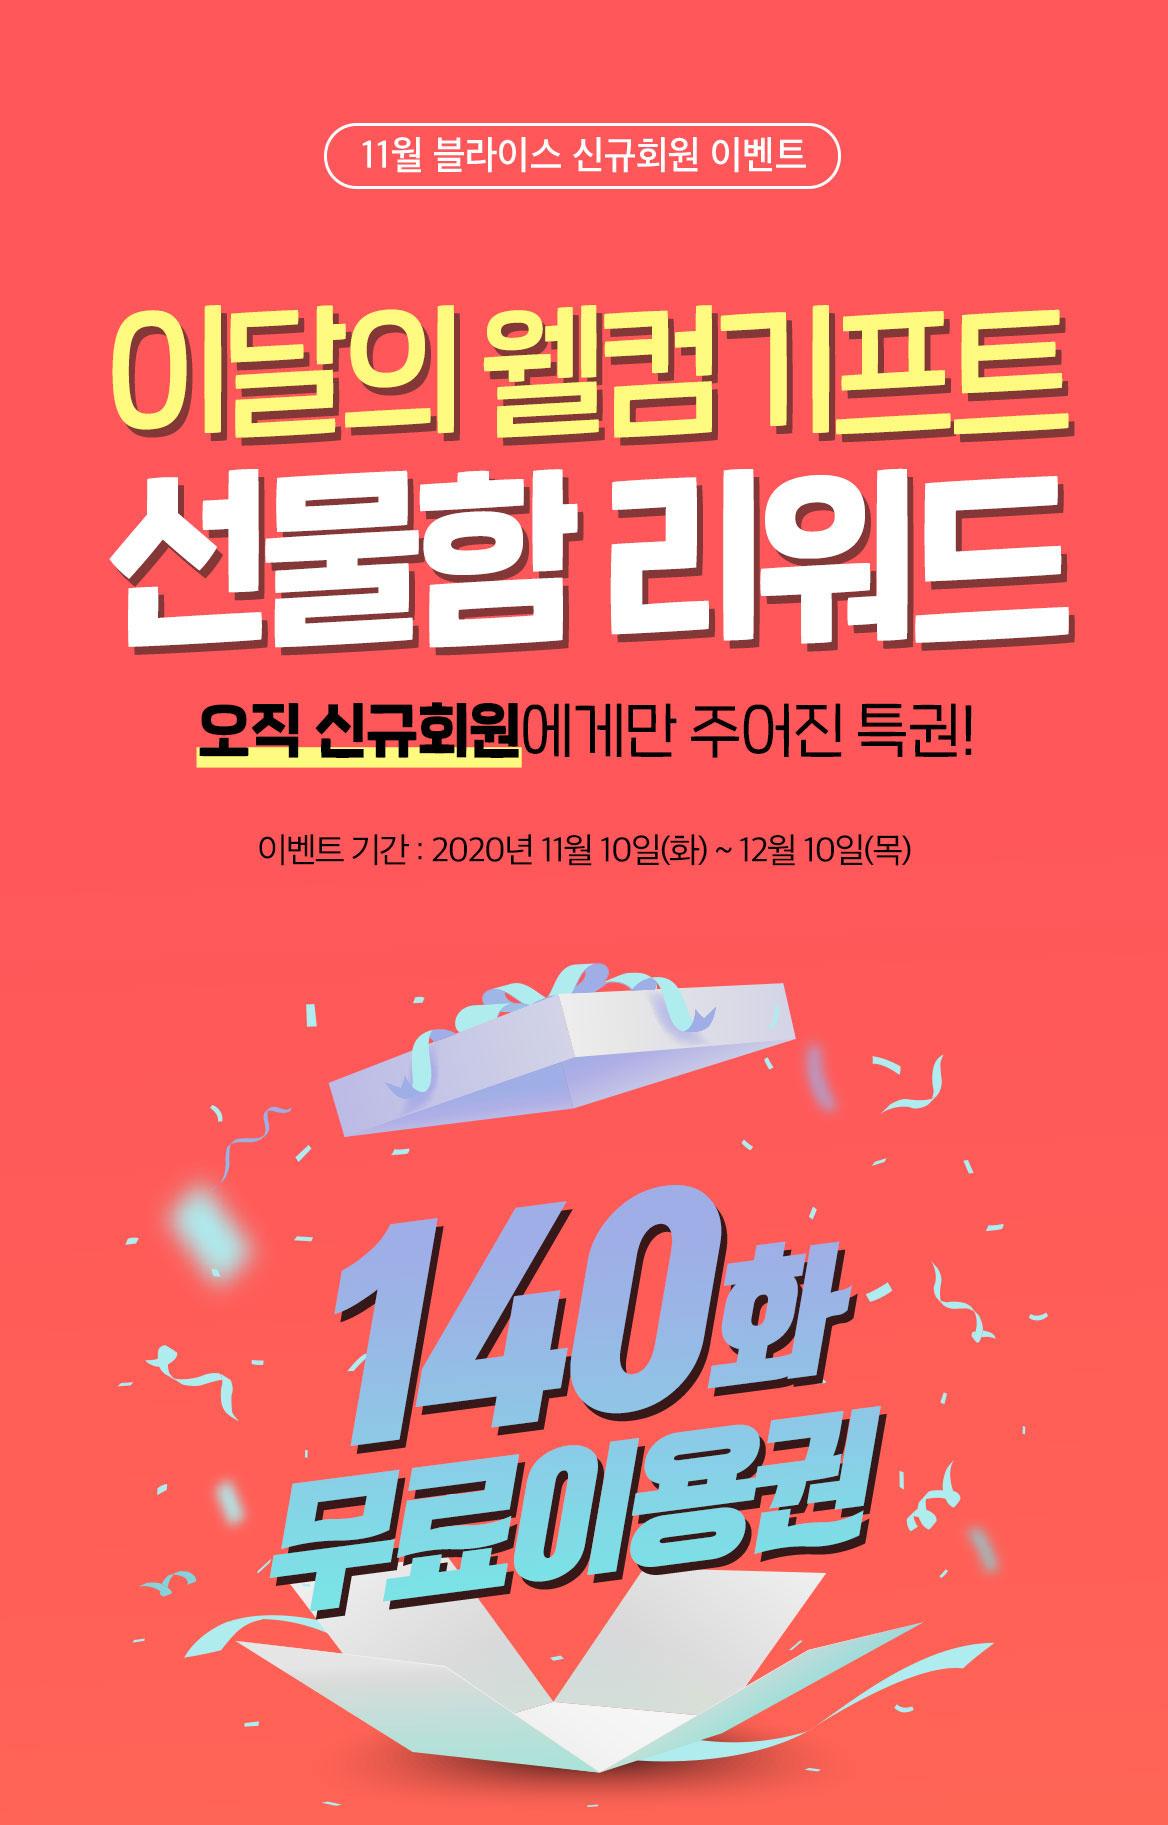 11월 로맨스 웰컴기프트 선물함 이벤트_1이미지